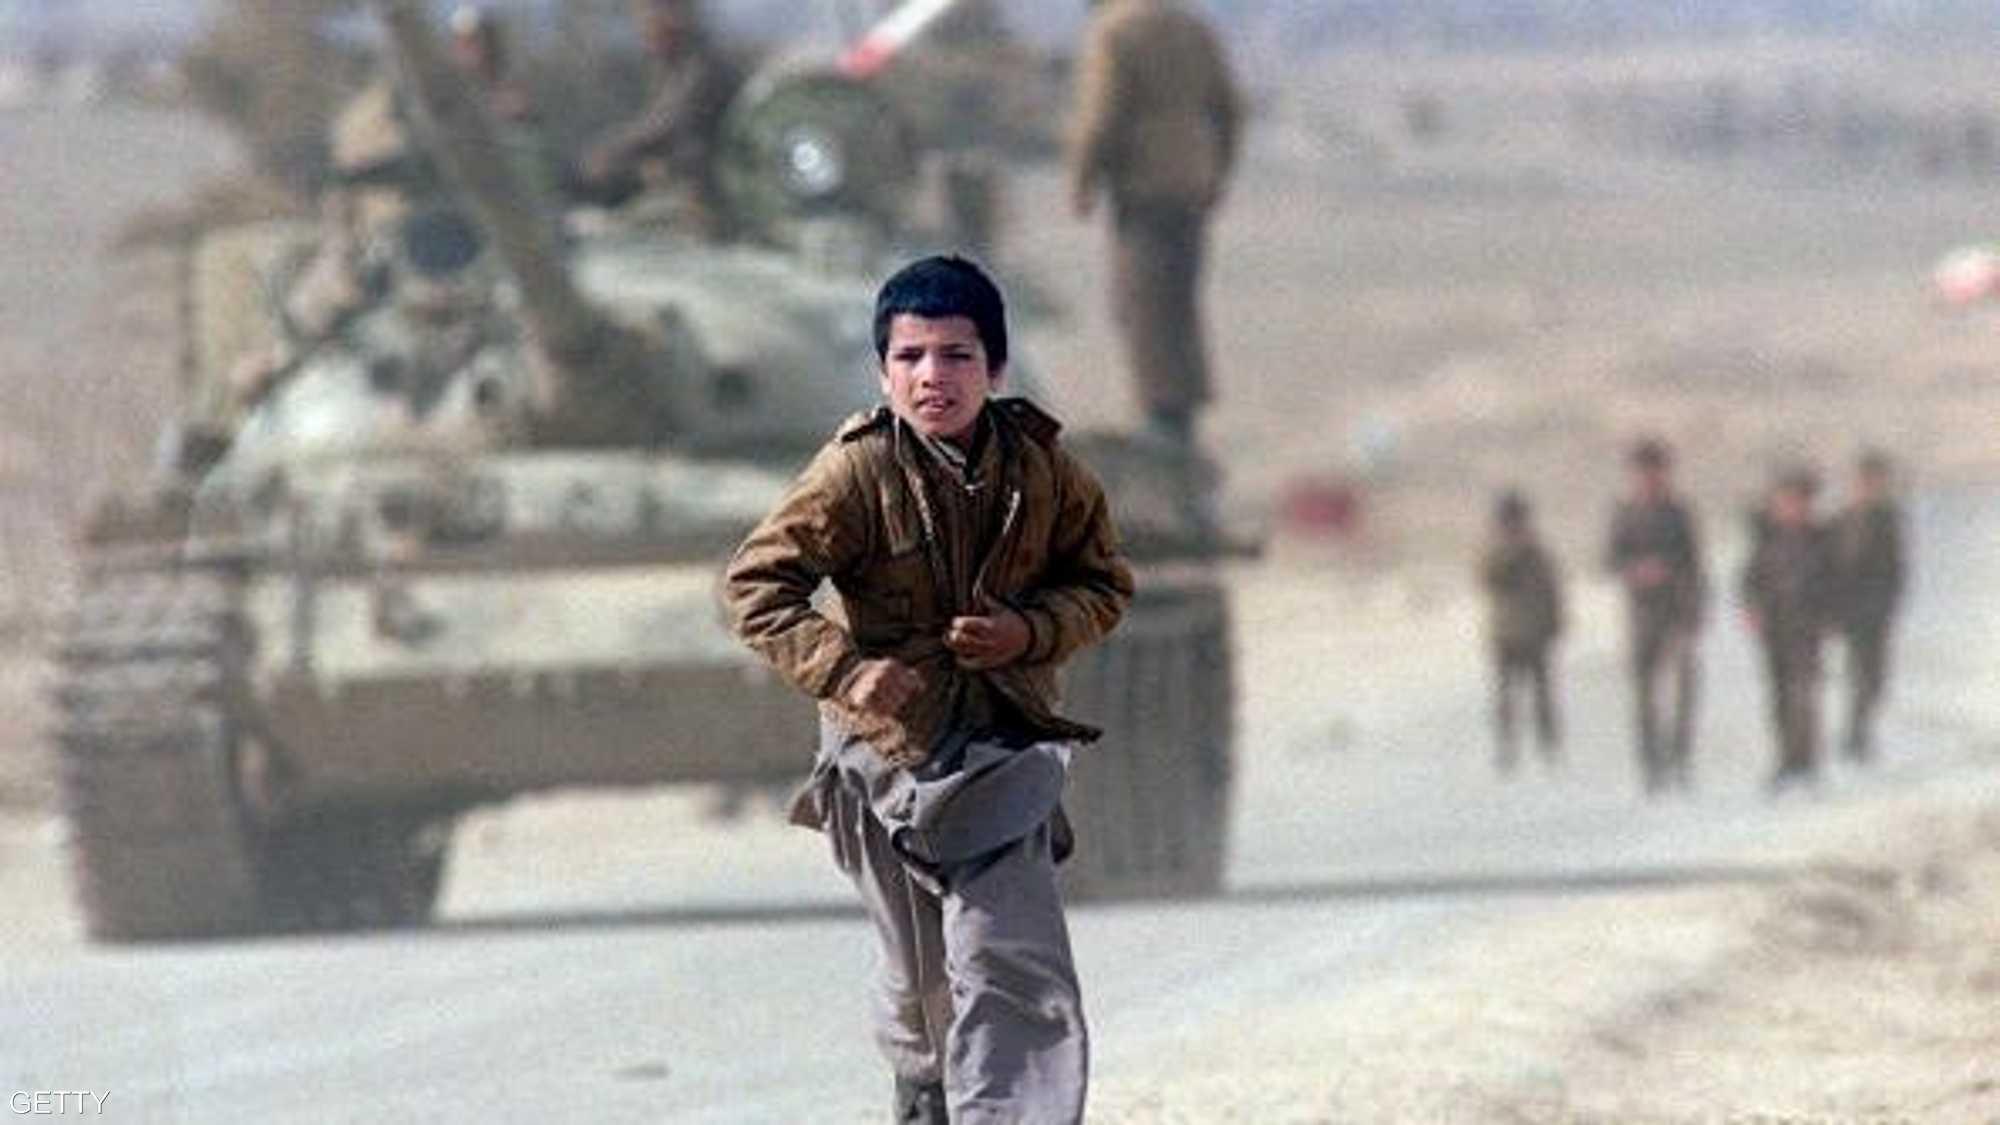 عملية نوعية: وجهاً لوجه مع العدو الإسرائيلي